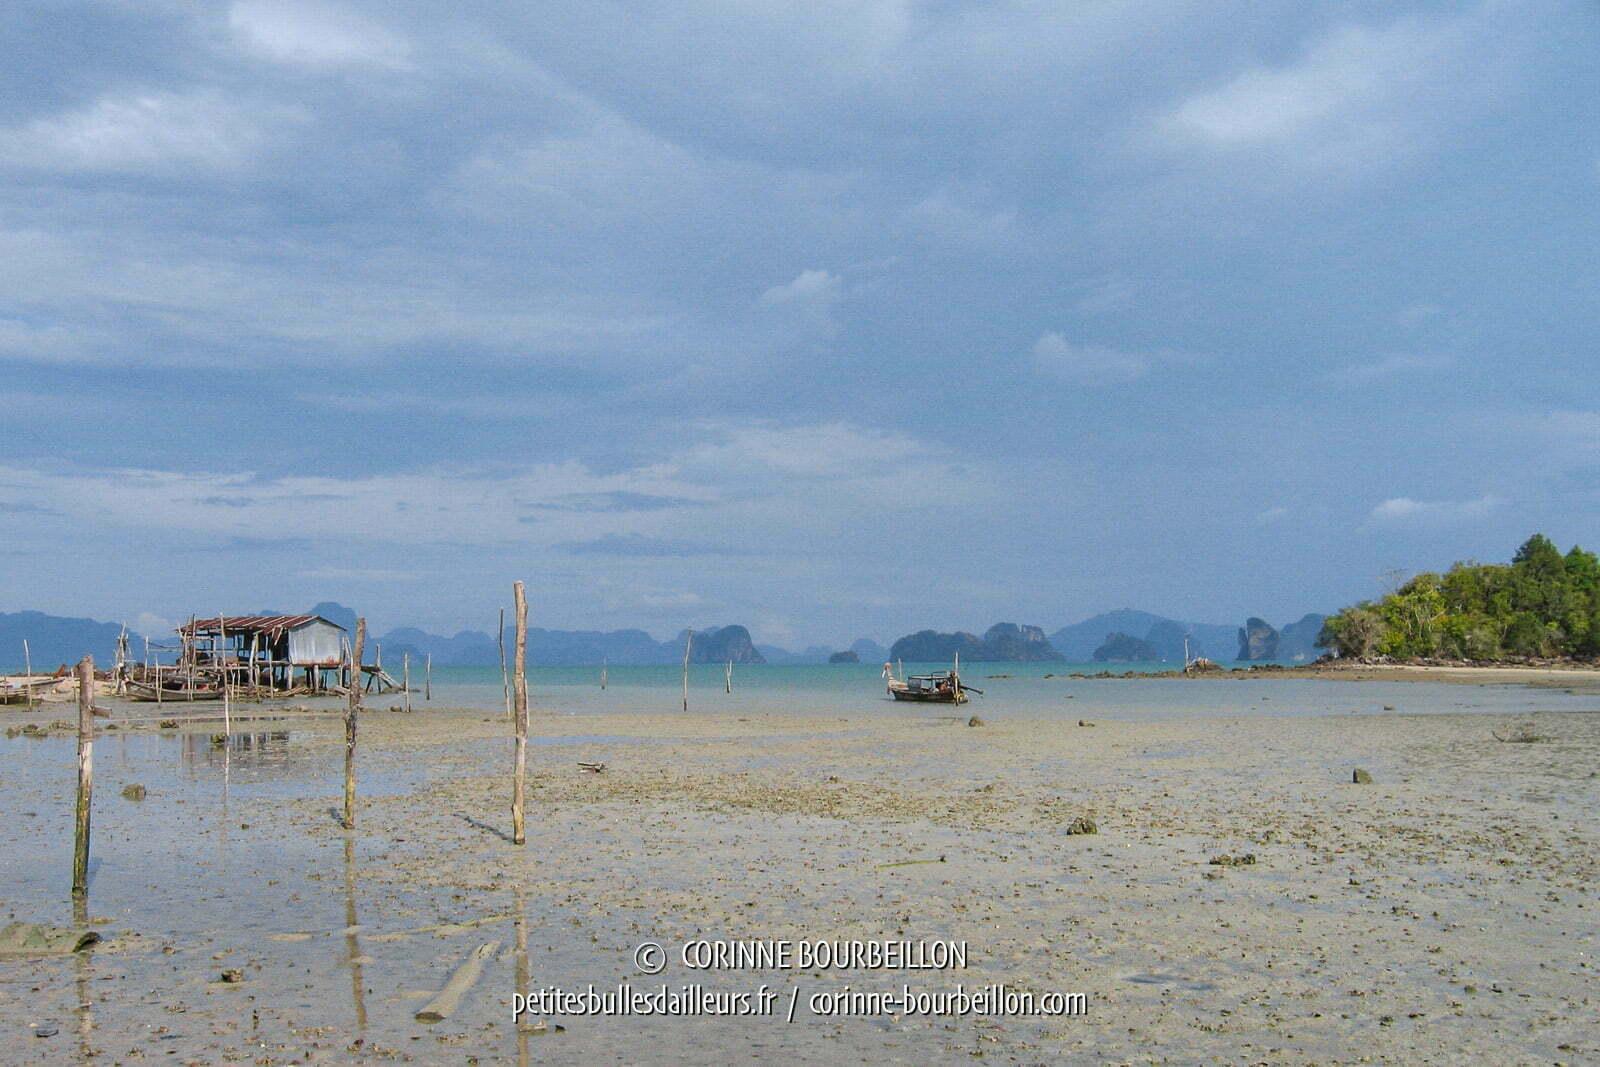 Marée basse à Koh Yao Noi. Thaïlande, février 2009.